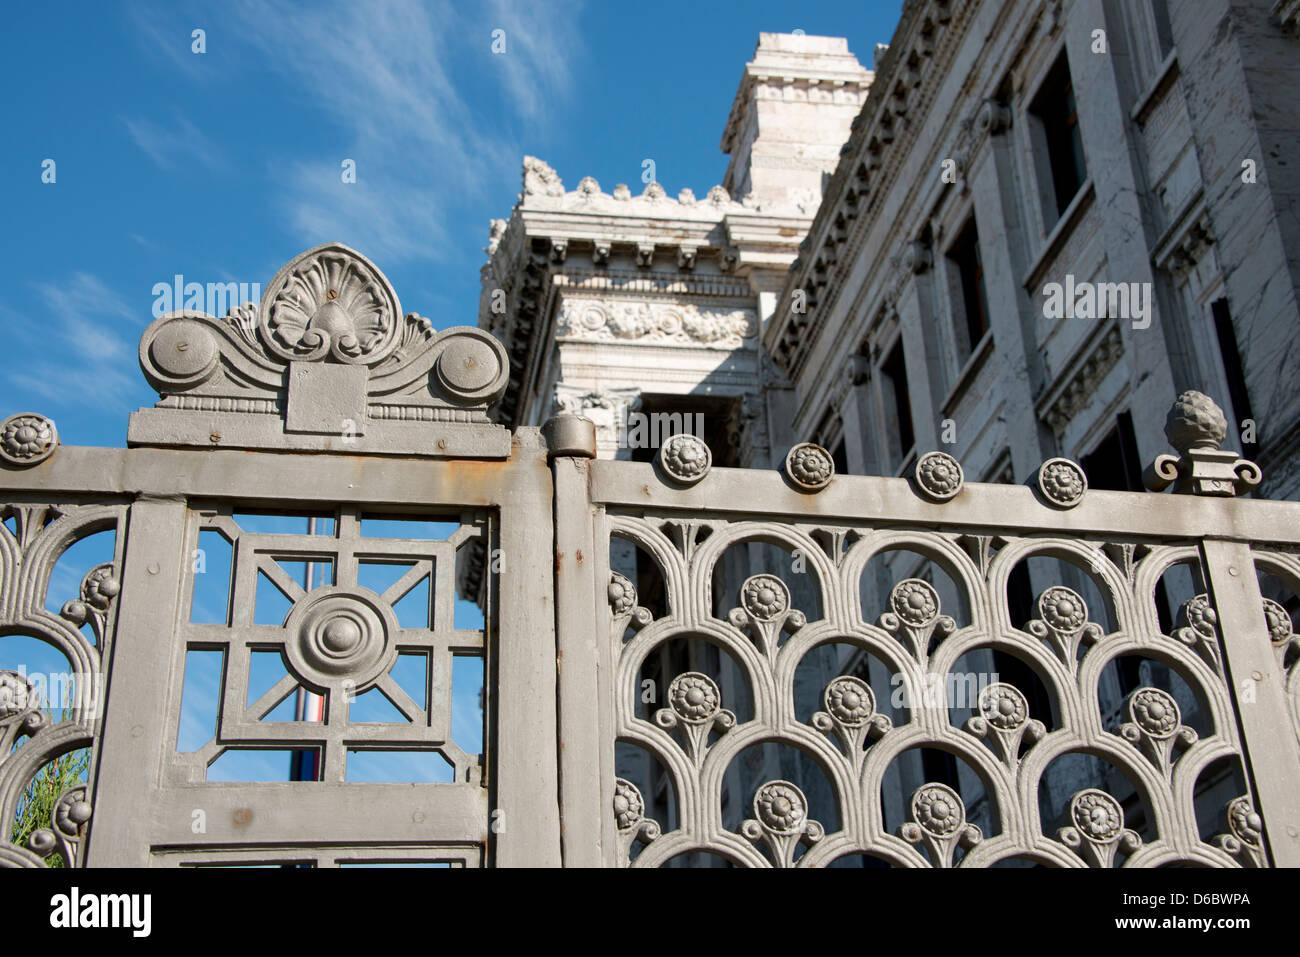 L'Uruguay, Montevideo. Palais législatif historique, siège de Parlement uruguayen. Photo Stock